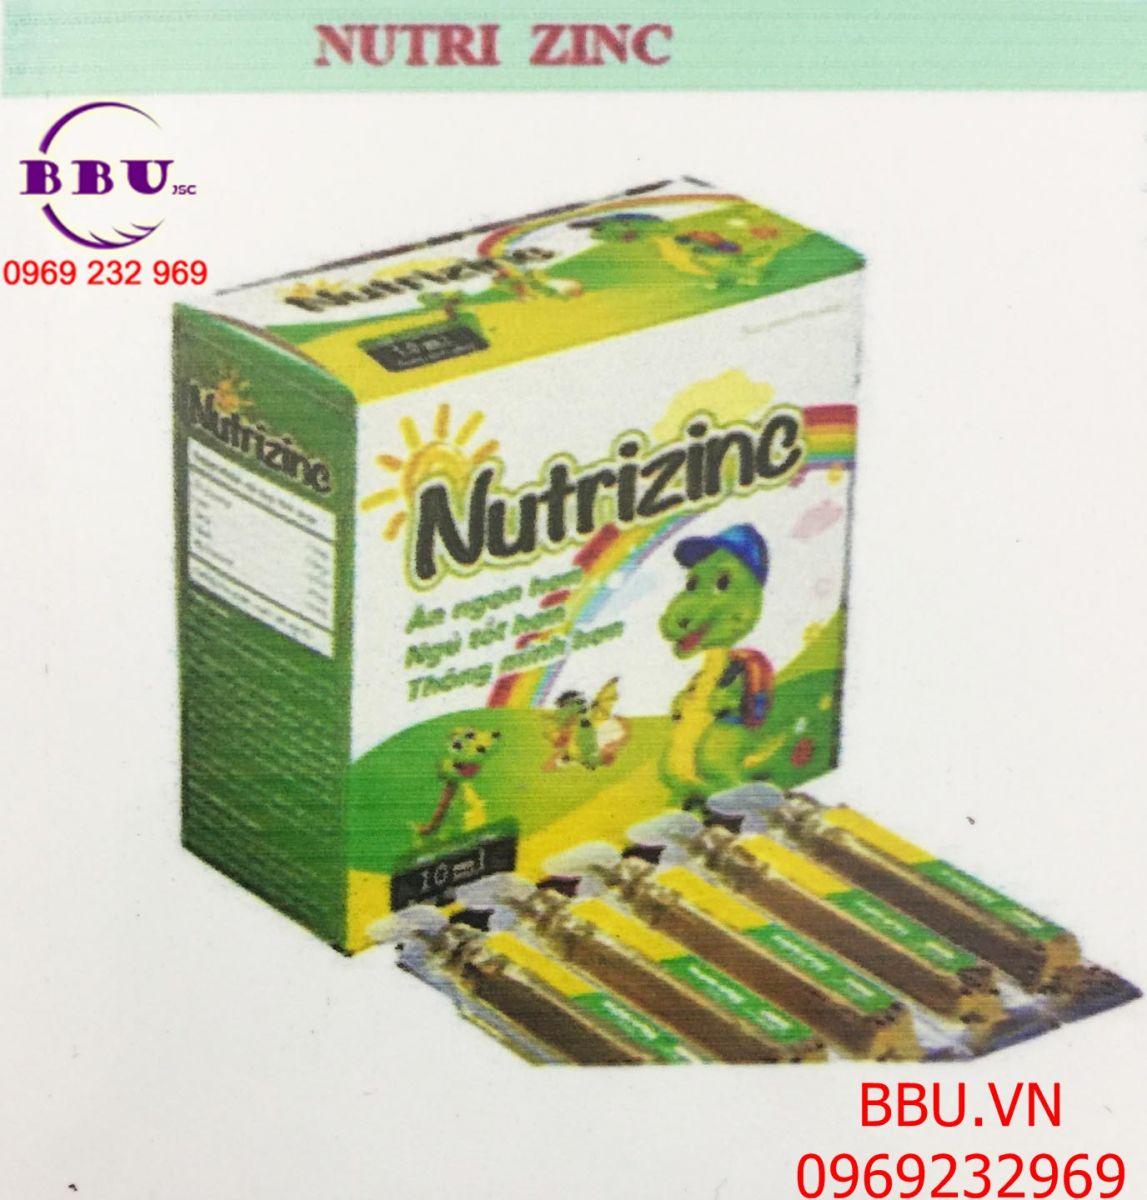 Nutrizinc bổ sung kẽm, phát triển trí não và tăng cường miễn dịch